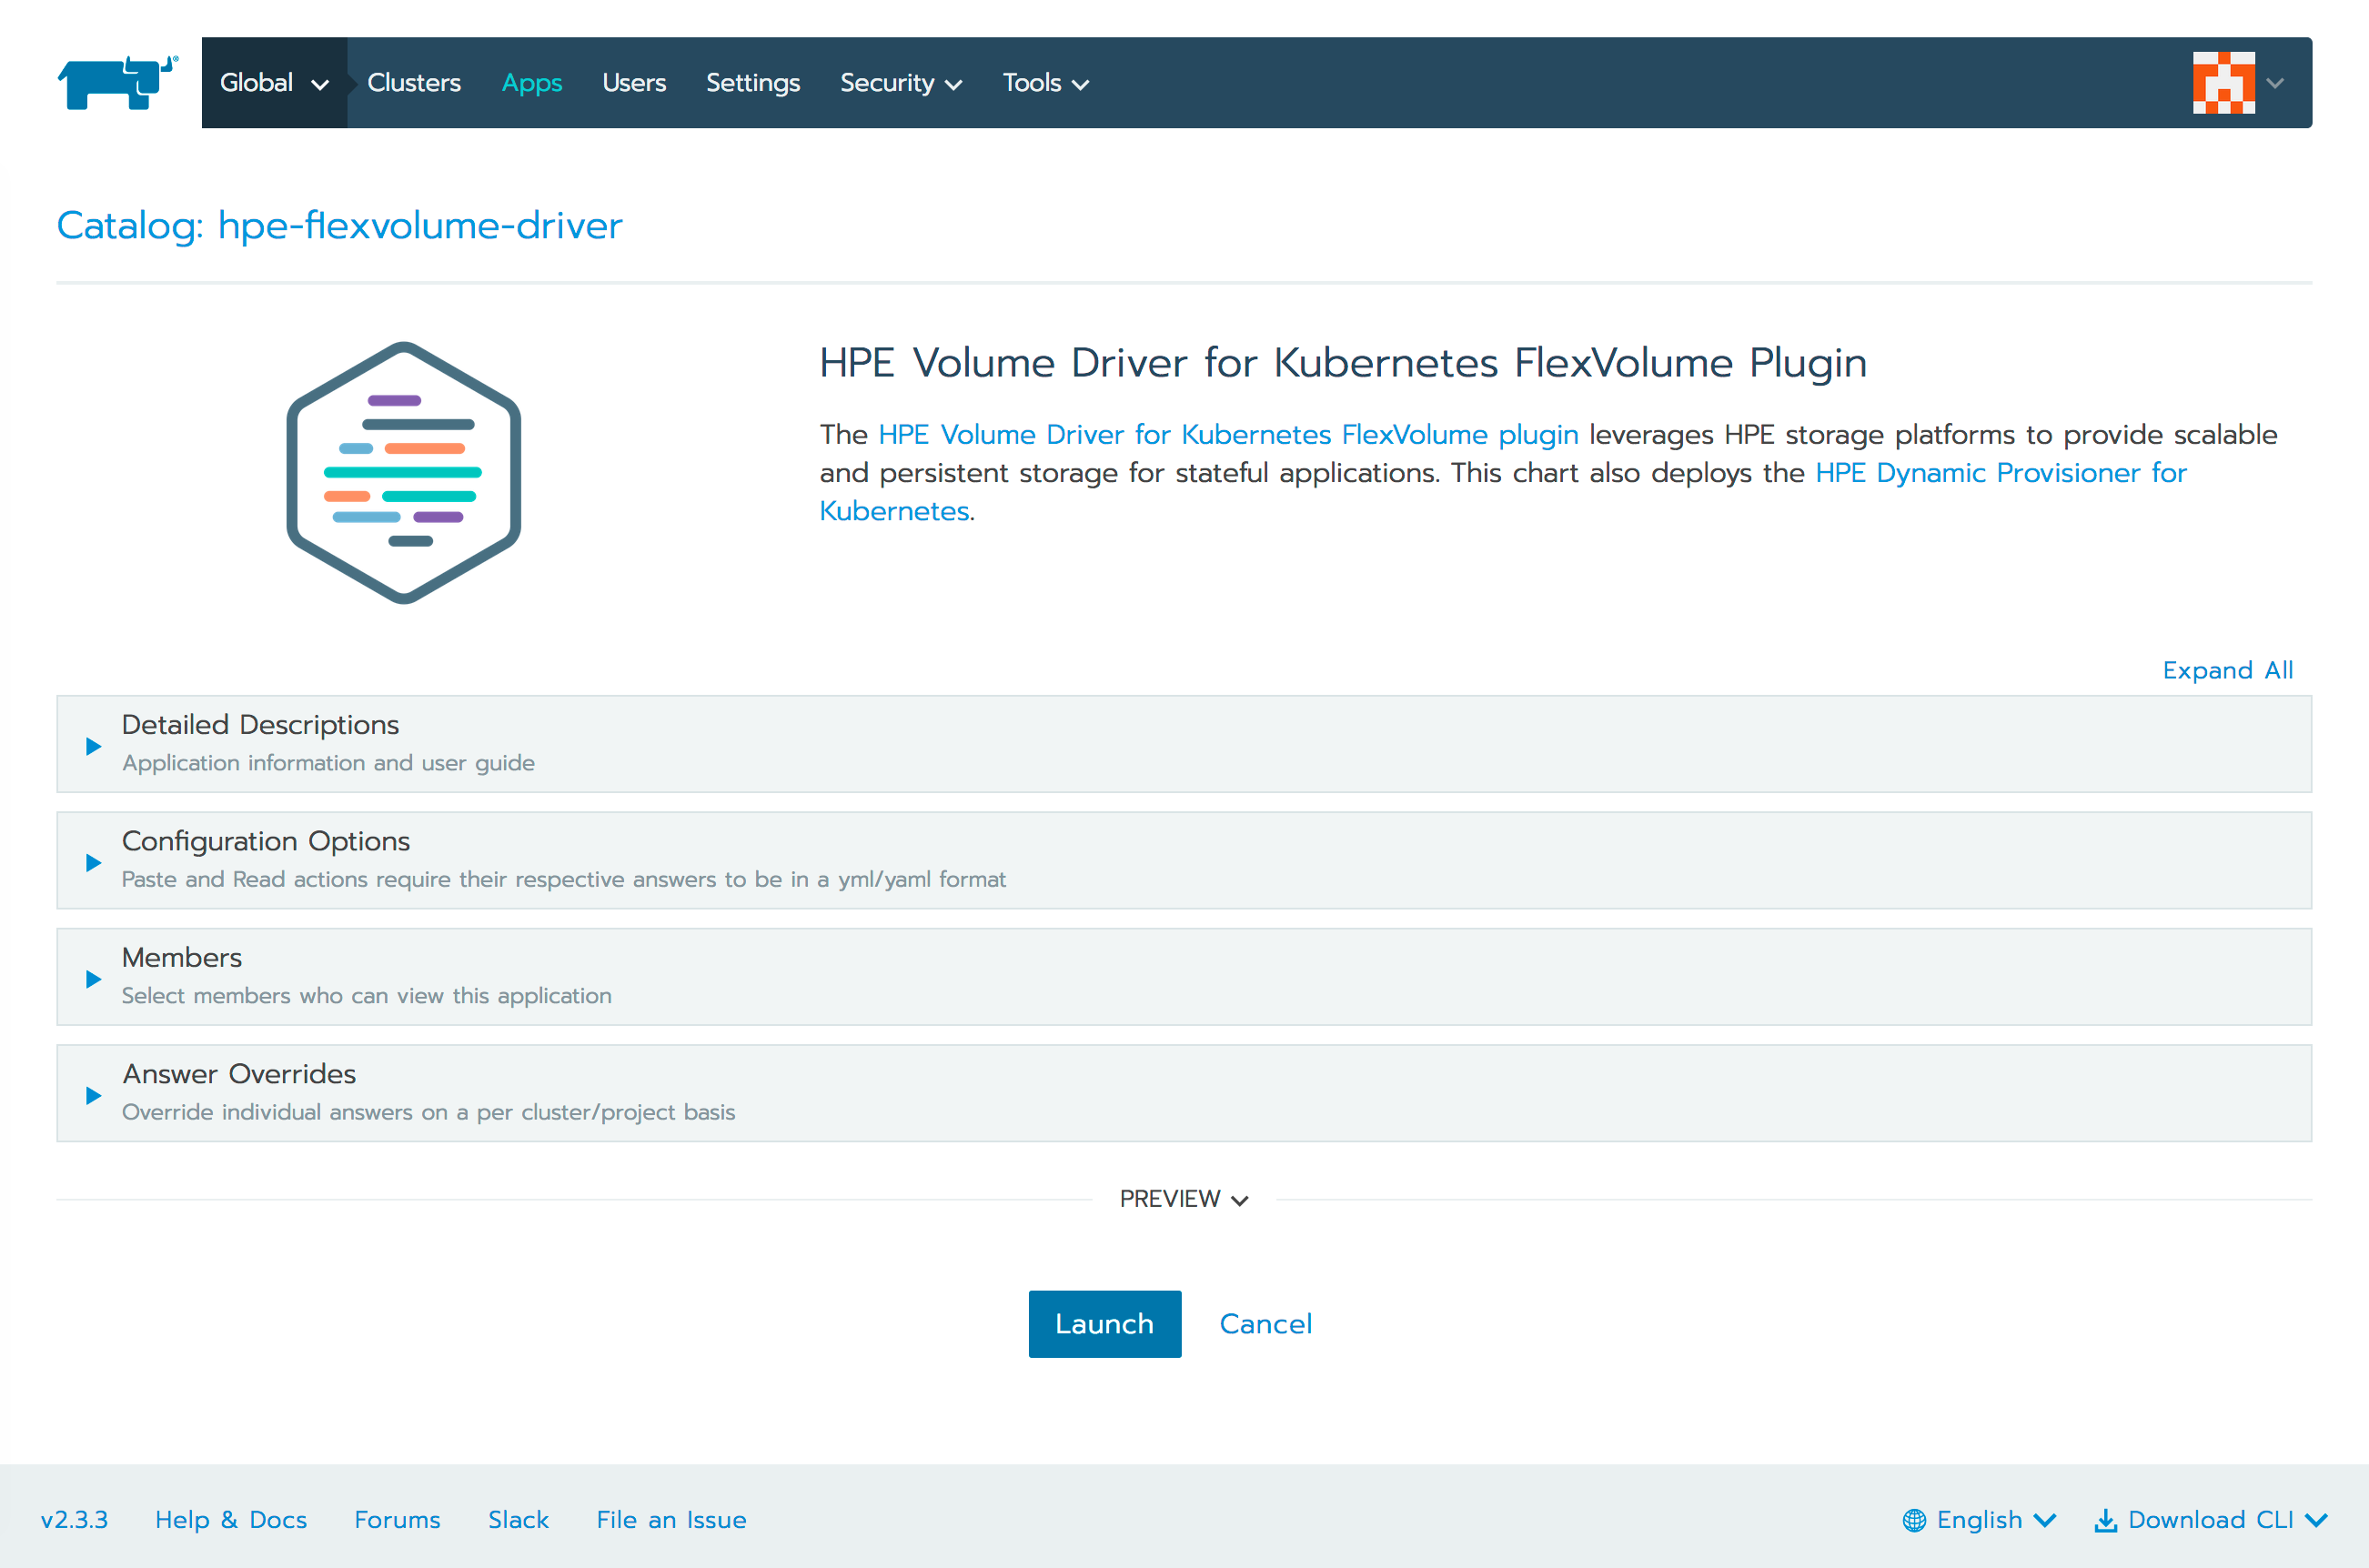 Install the HPE Volume Driver for Kubernetes FlexVolume Plugin